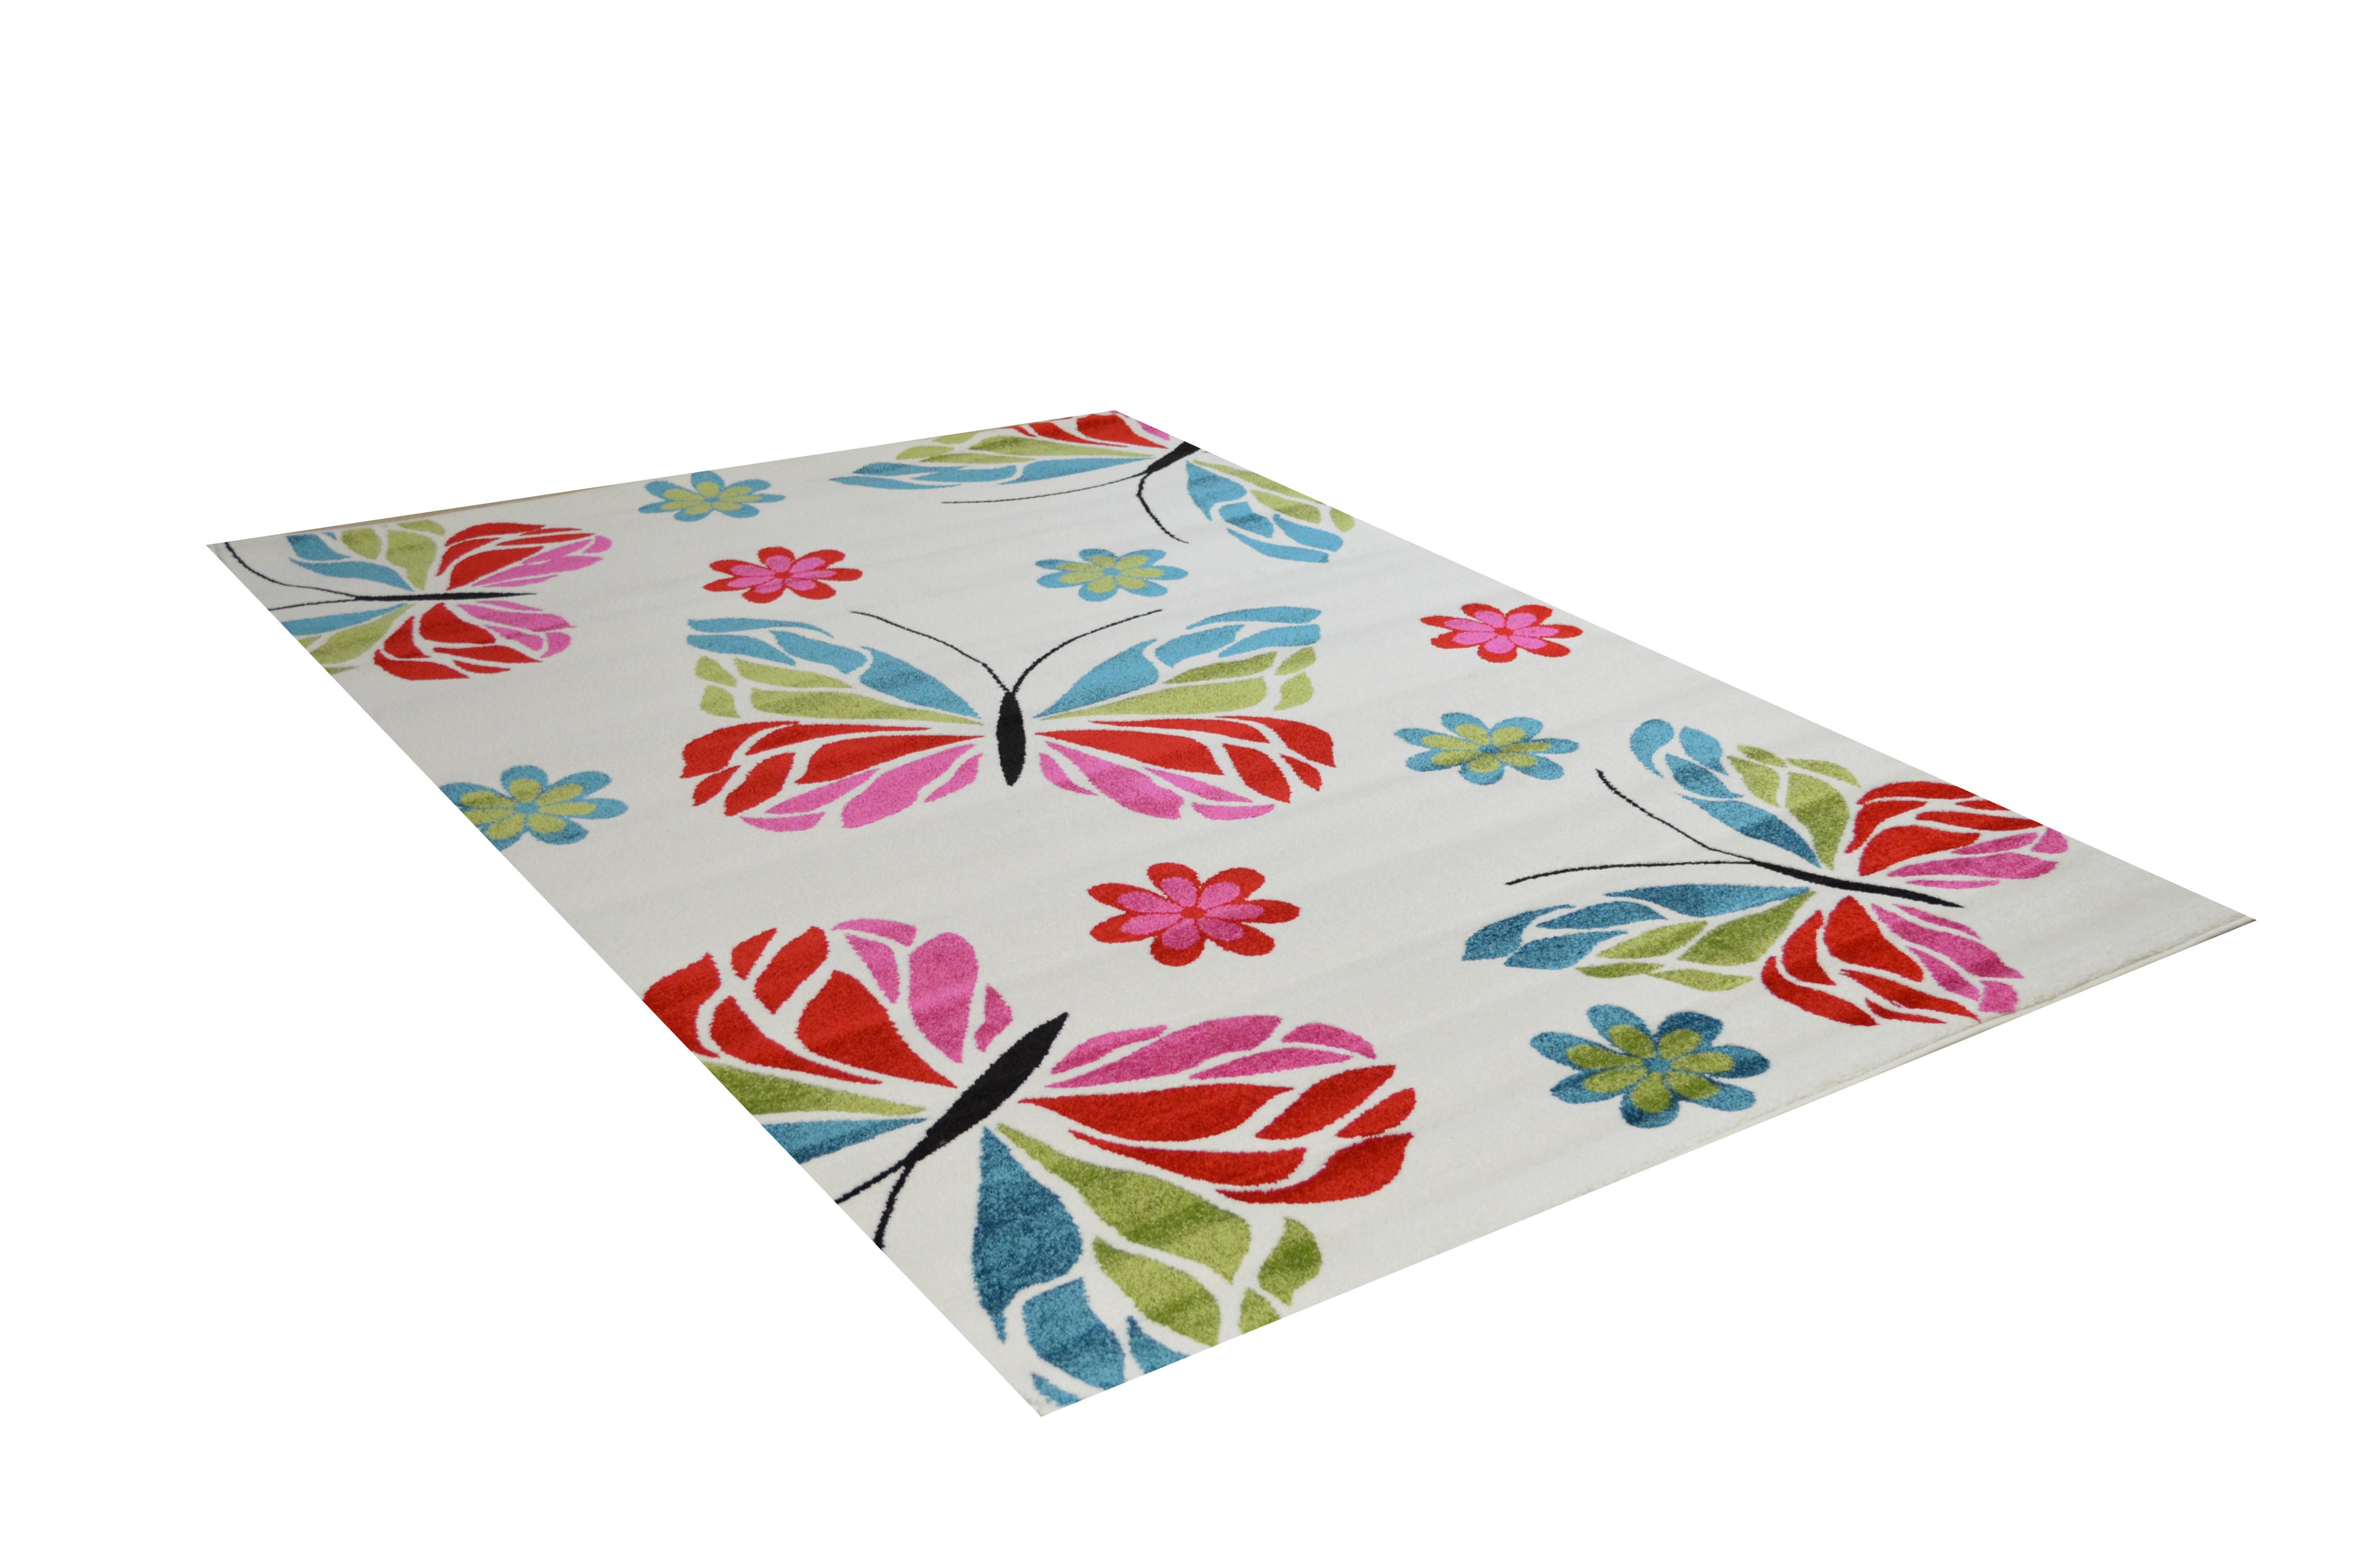 Kinder Teppich Schmetterling Farbe Weiss  eBay